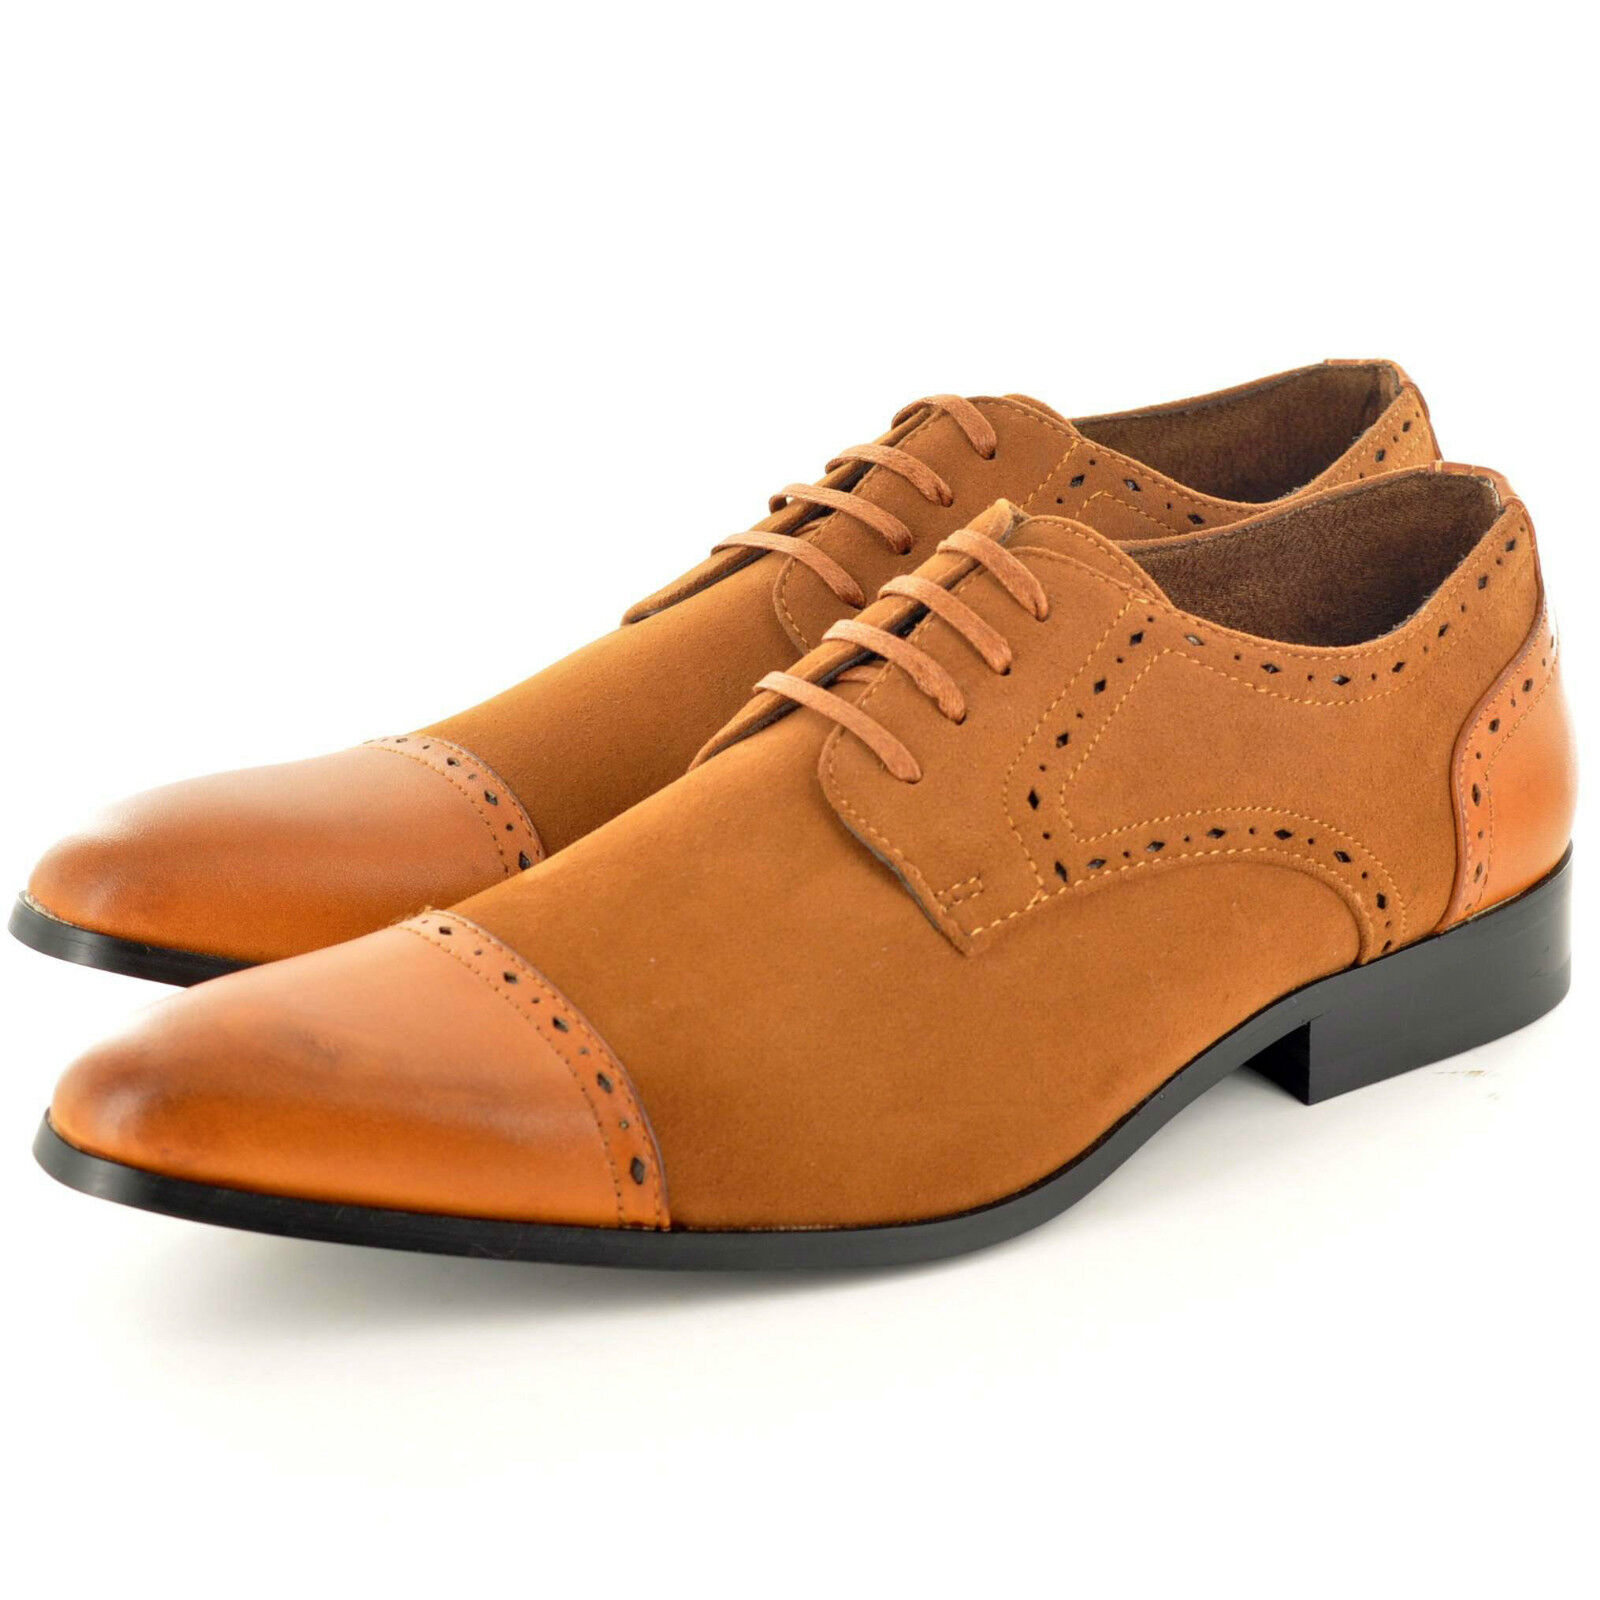 de nouvelles chaussures chaussures chaussures hommes formelle moi style chic décontracté office italien du cuir -4 0d72dd